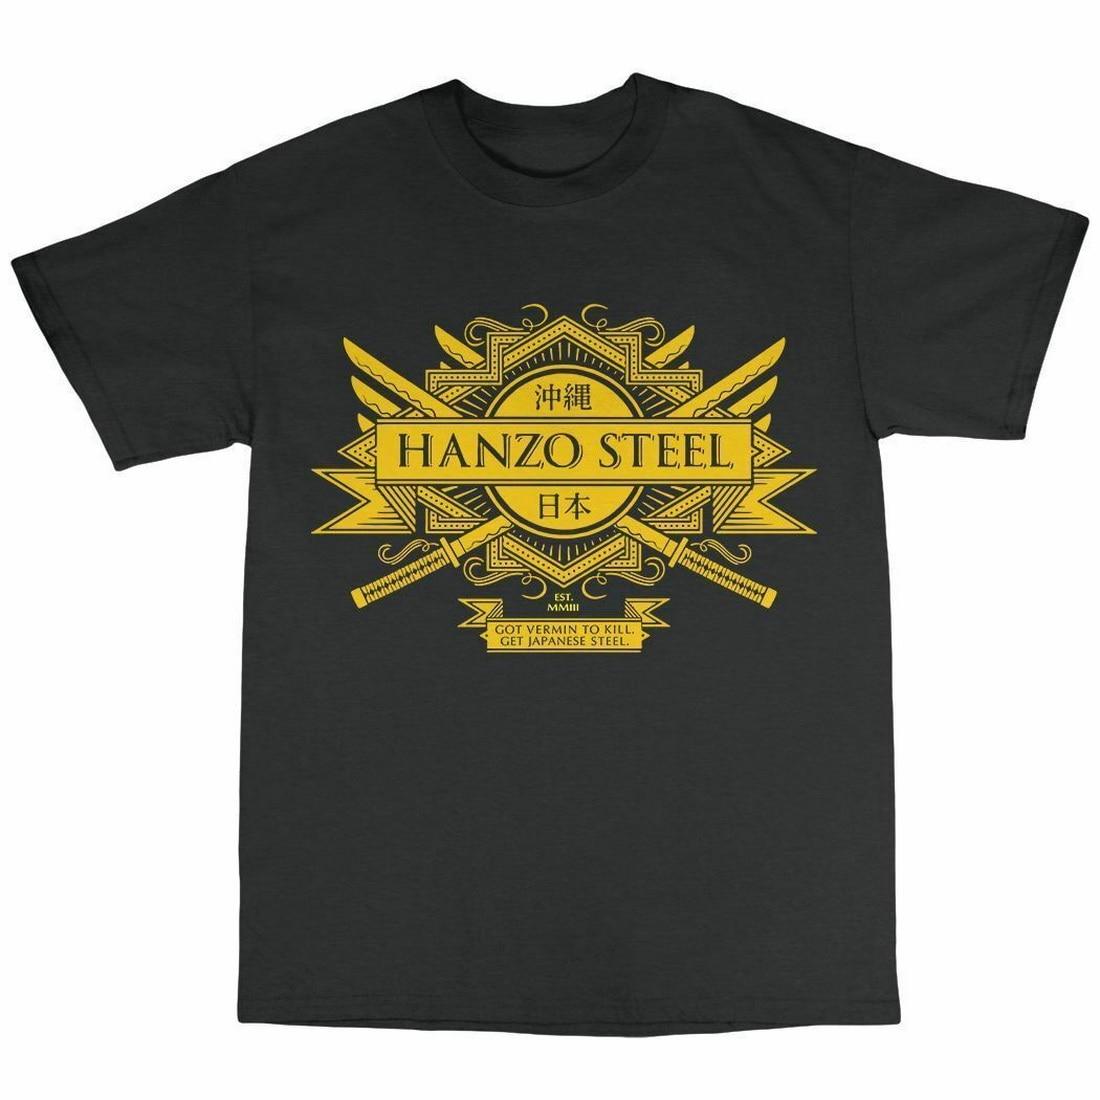 hanzo-camiseta-de-acero-para-100-camisa-de-algodon-con-estampado-personalizado-inspirado-en-kill-bill-quentine-espada-de-tarantino